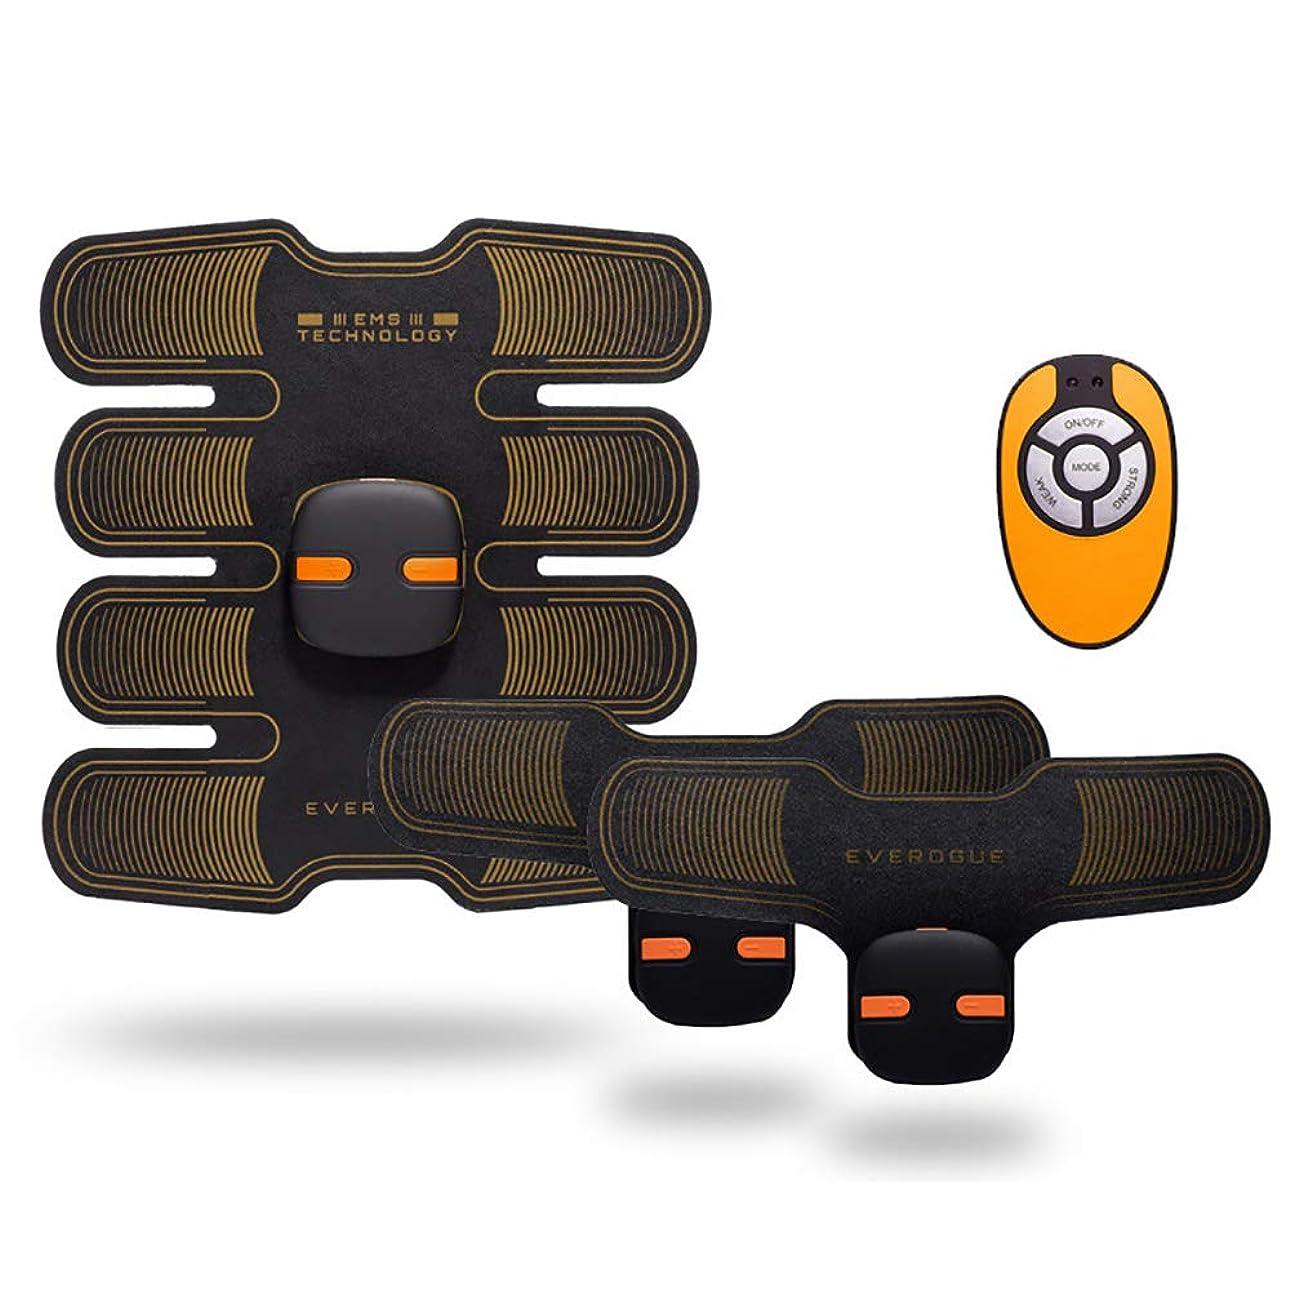 送信する魅力人種筋肉トナー、腹部調色ベルトabsトレーナーボディフィットネスベルトトレーニングマシン6モード10レベル用アームレッグトレーナー,Orange,1